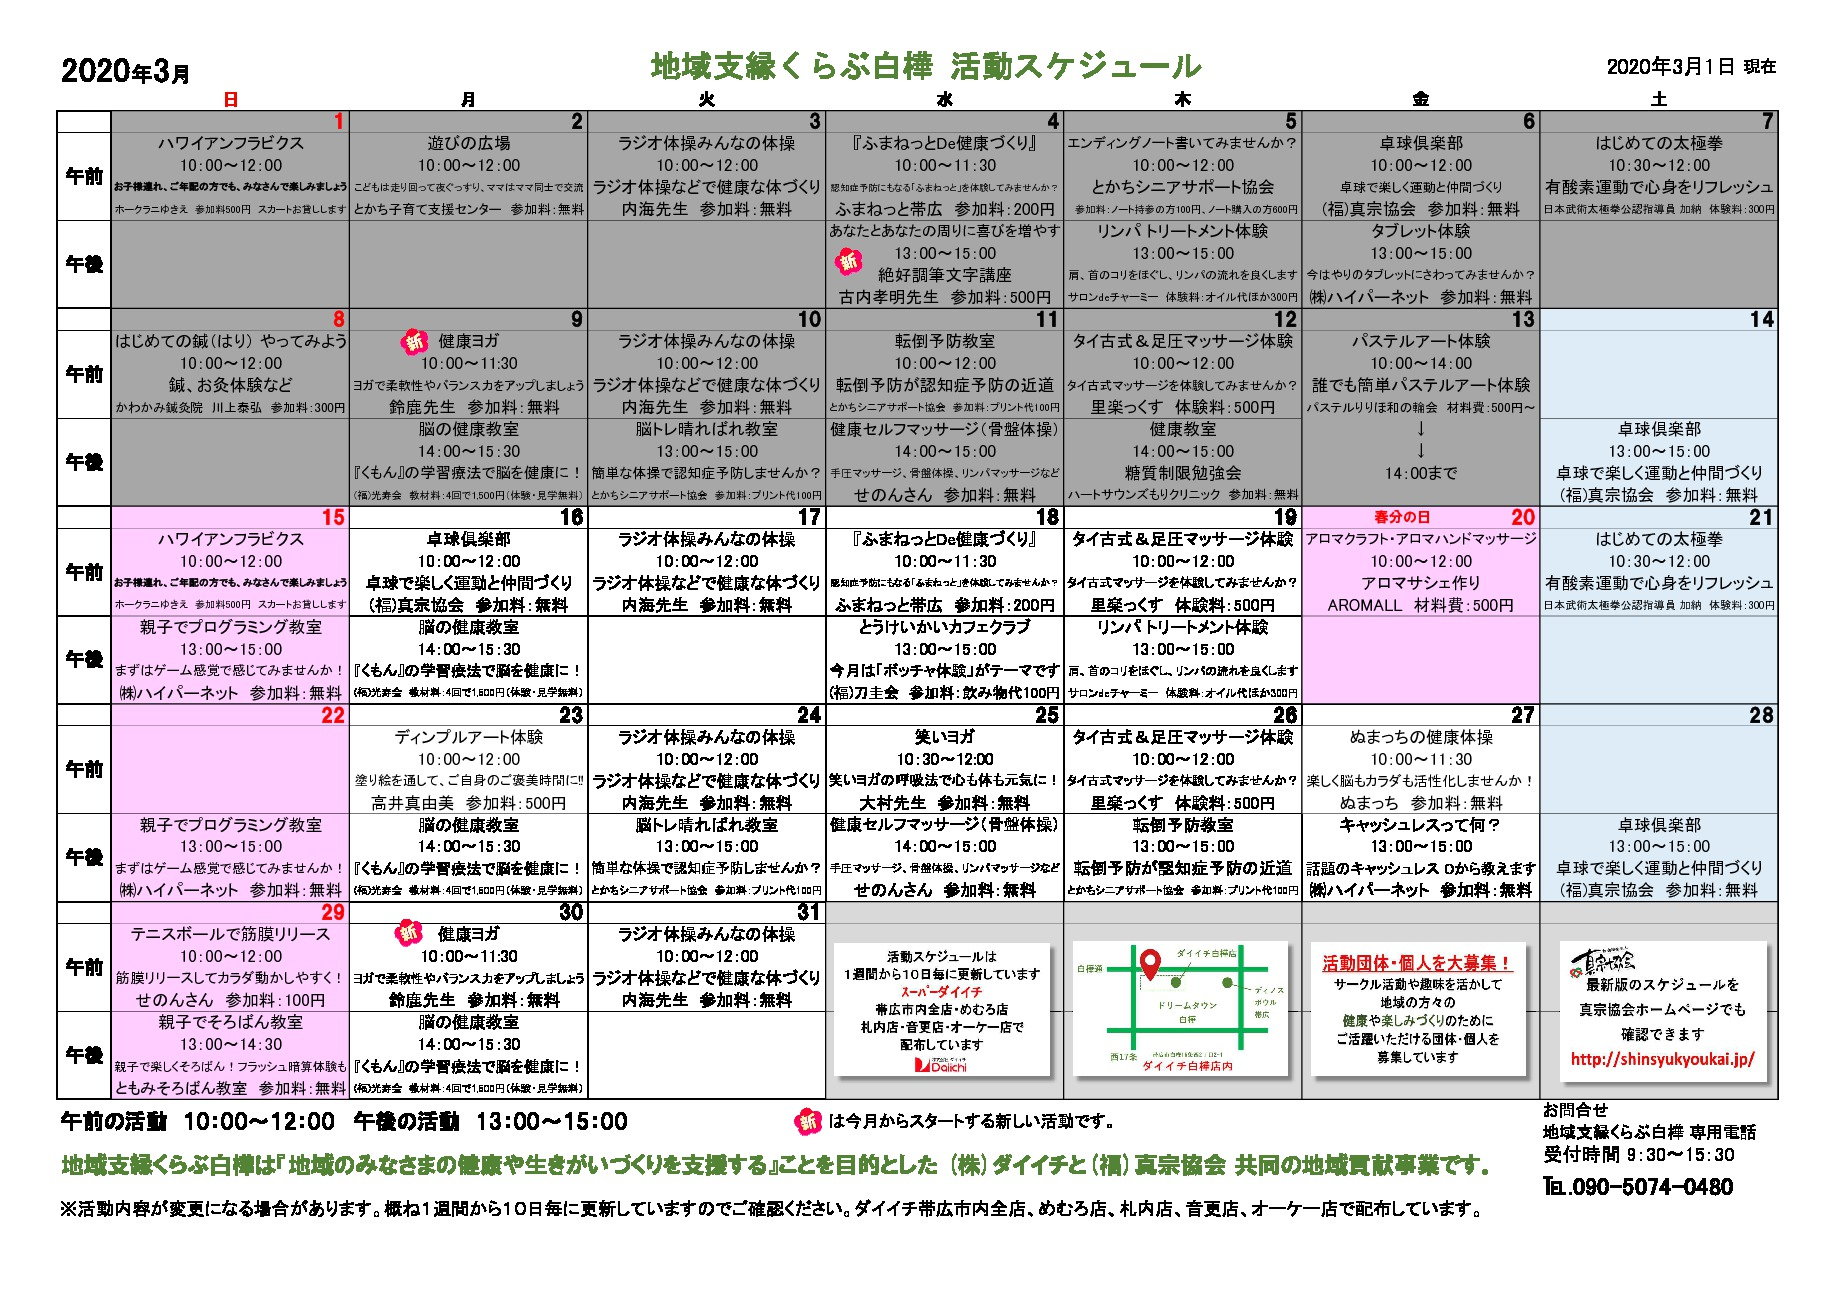 2019活動スケジュール3(2020.3.1付)のサムネイル